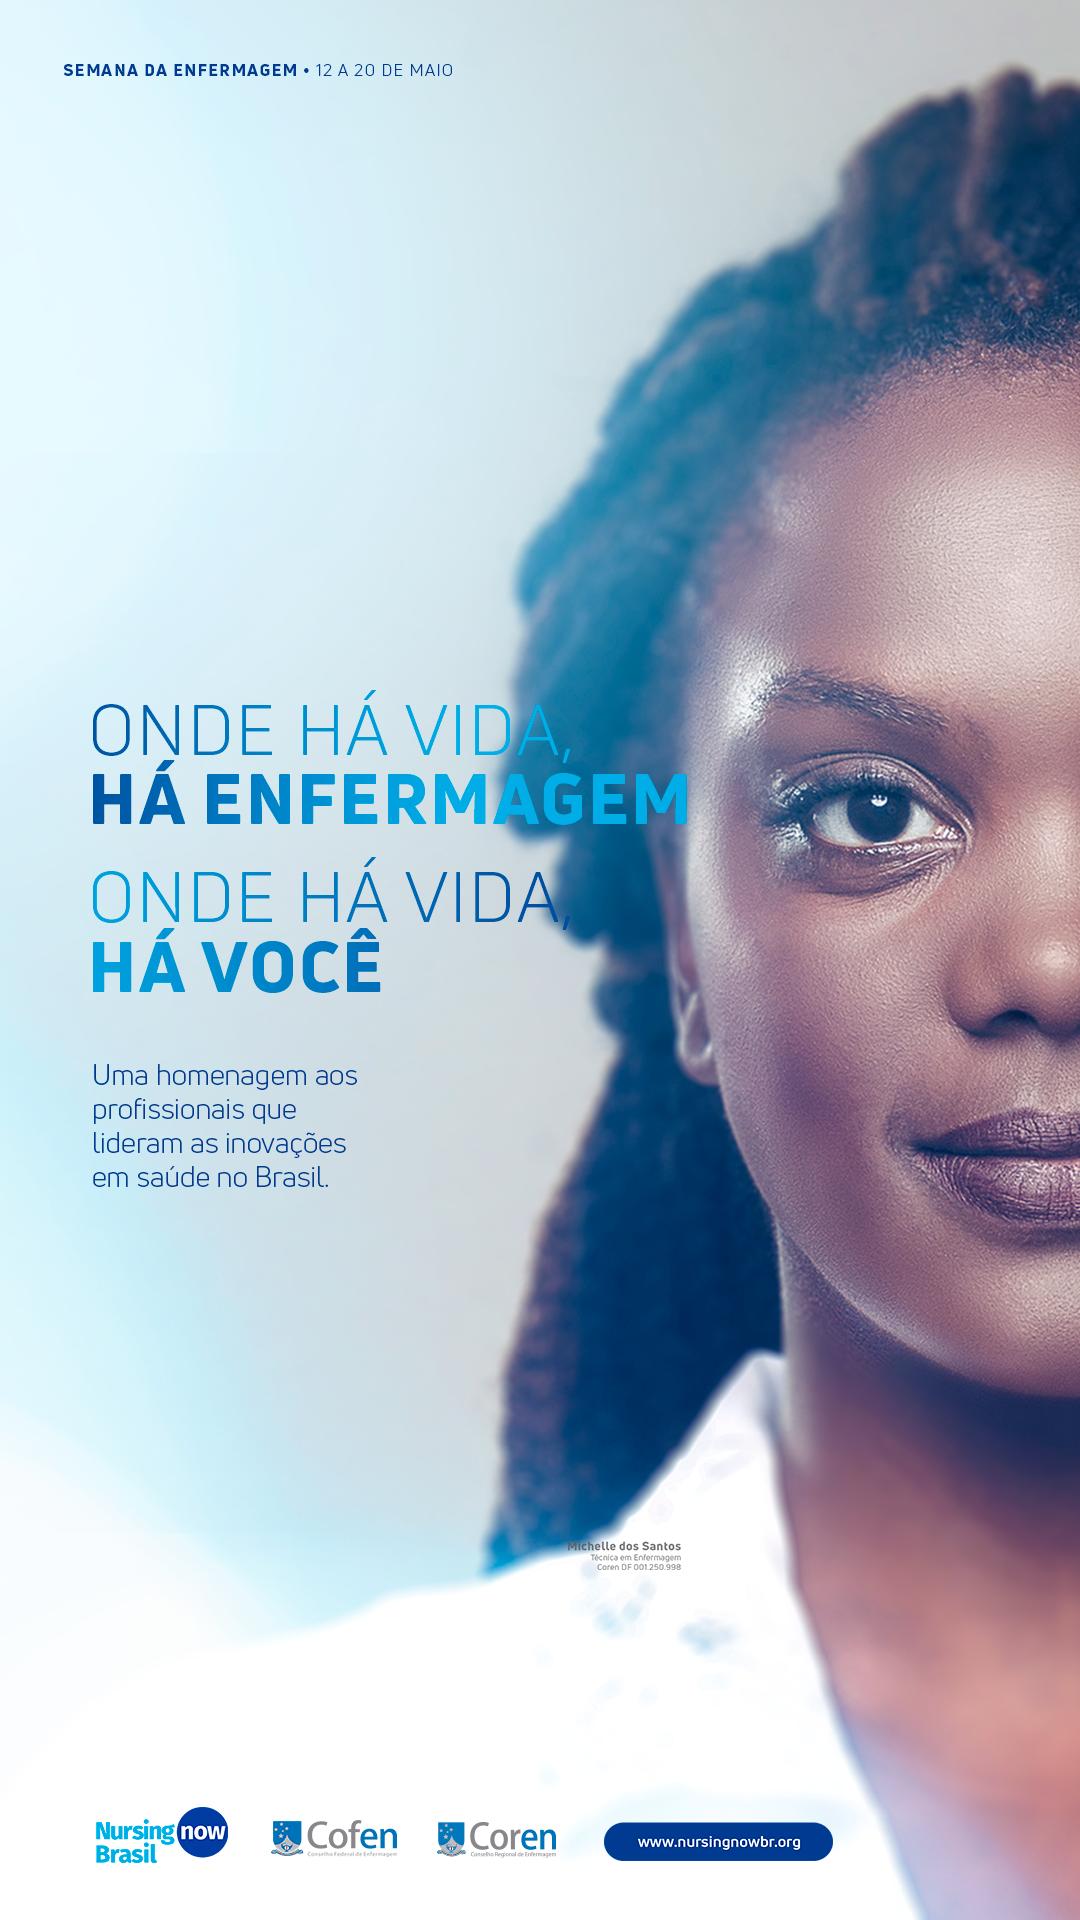 Você Também Pode Atualizar Sua Capa Do Facebook Com - Nursing Now Brasil , HD Wallpaper & Backgrounds